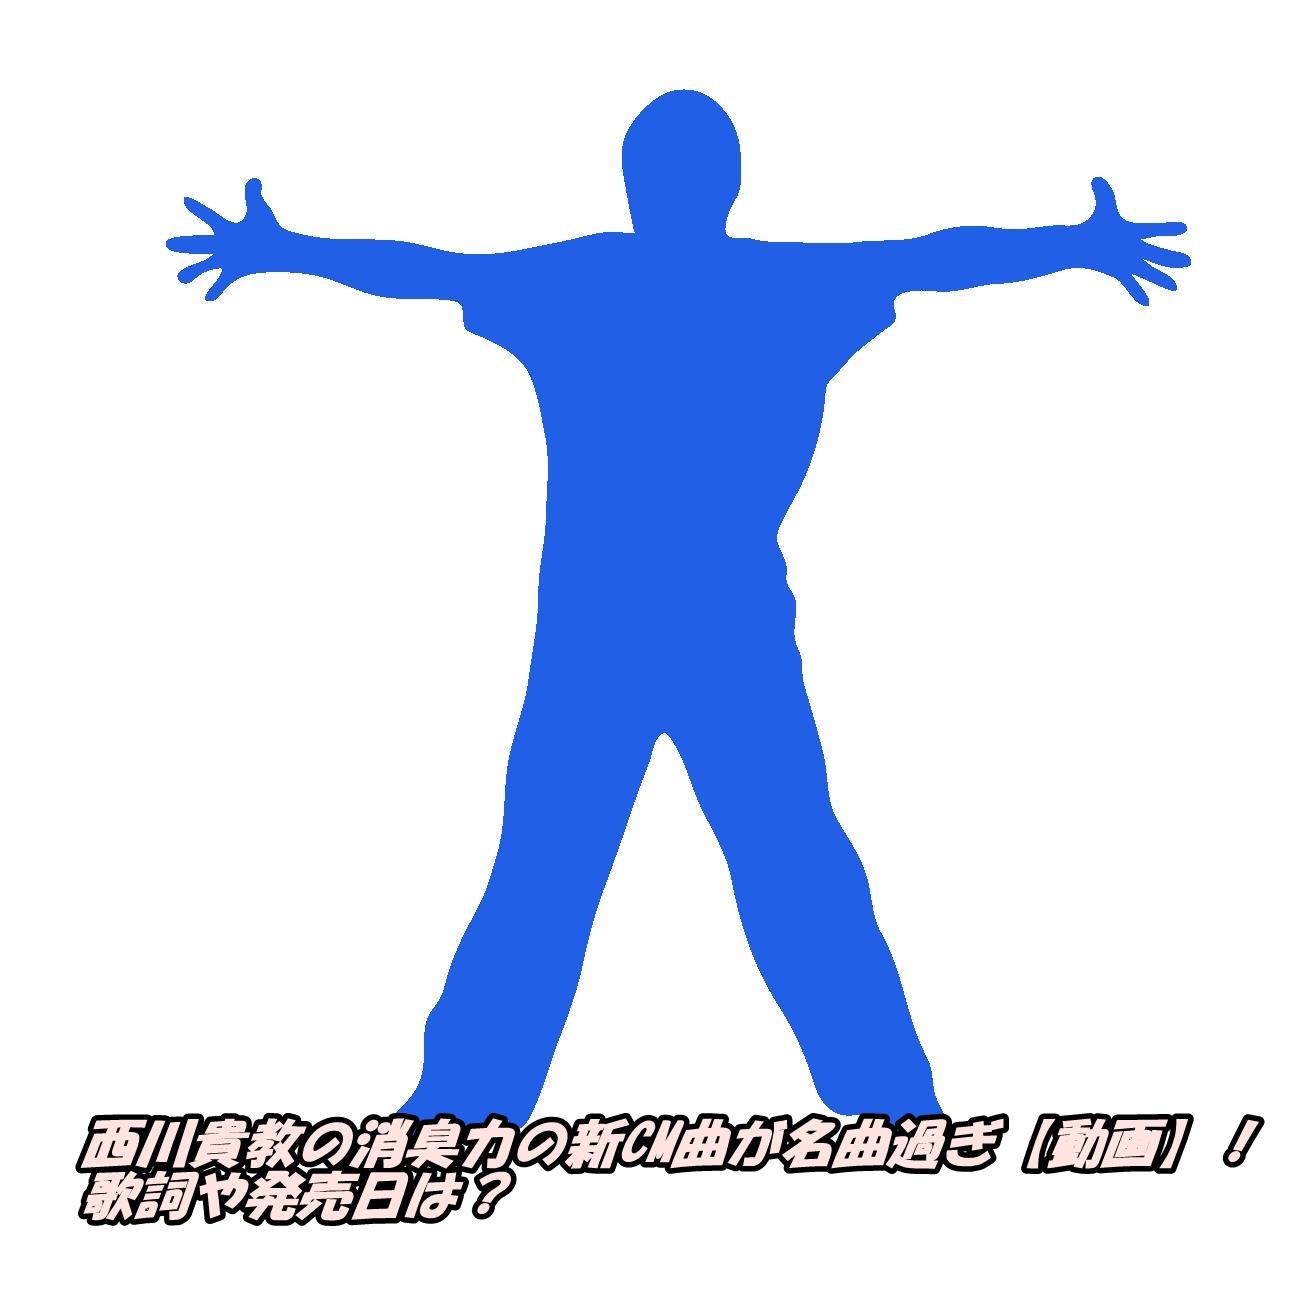 西川貴教の消臭力の新CM曲が名曲過ぎ【動画】!歌詞や発売日は?